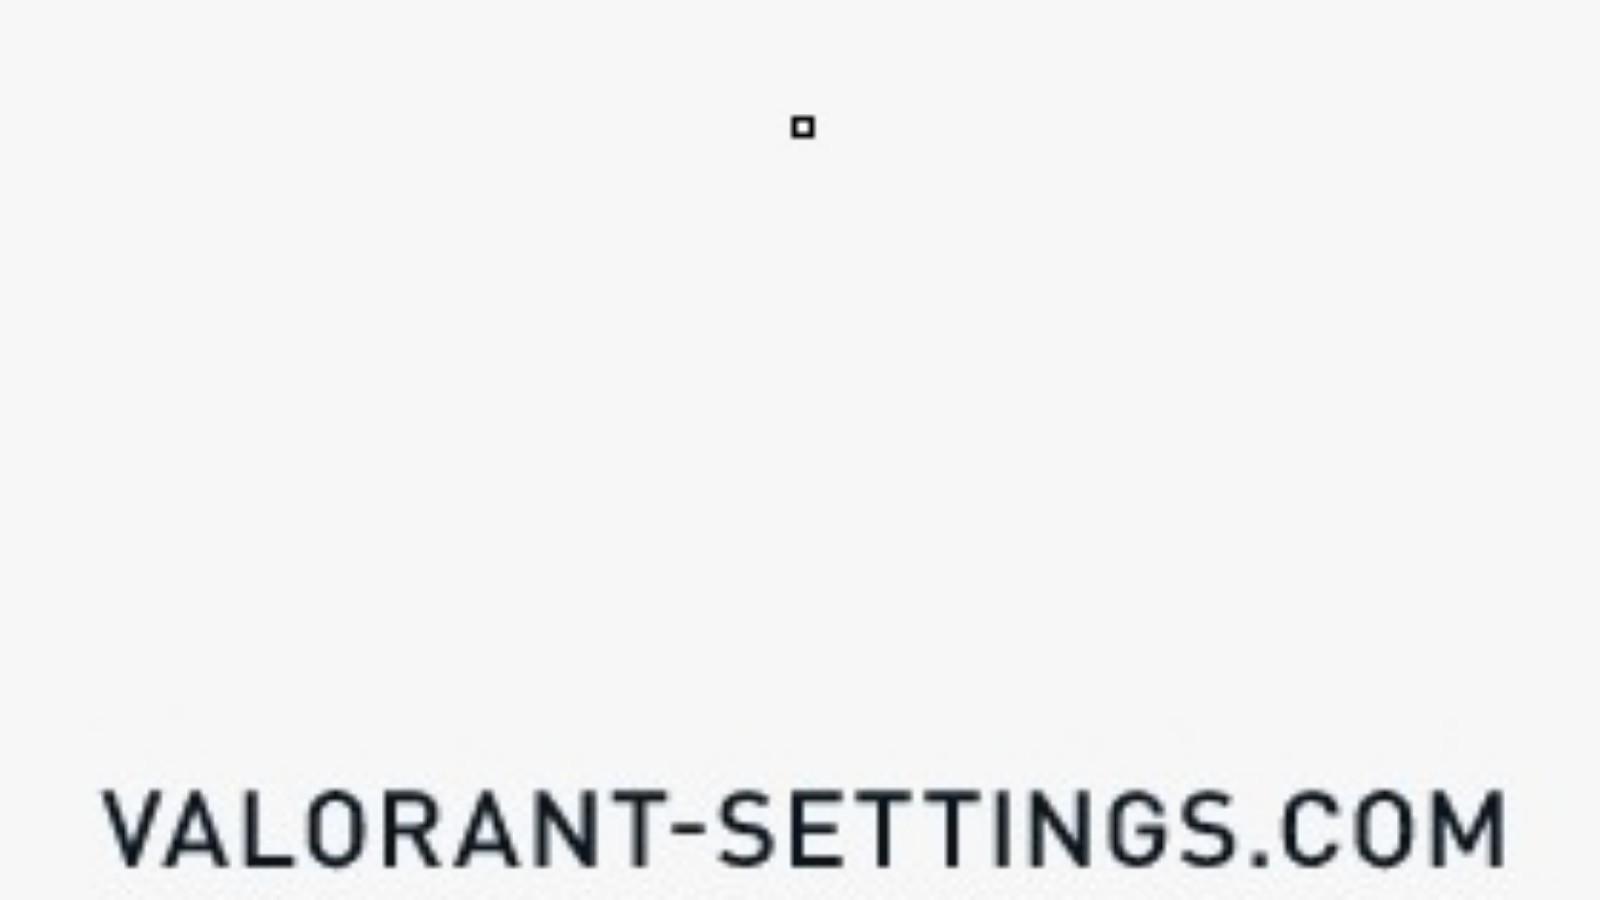 ScreaM Valorant Settings